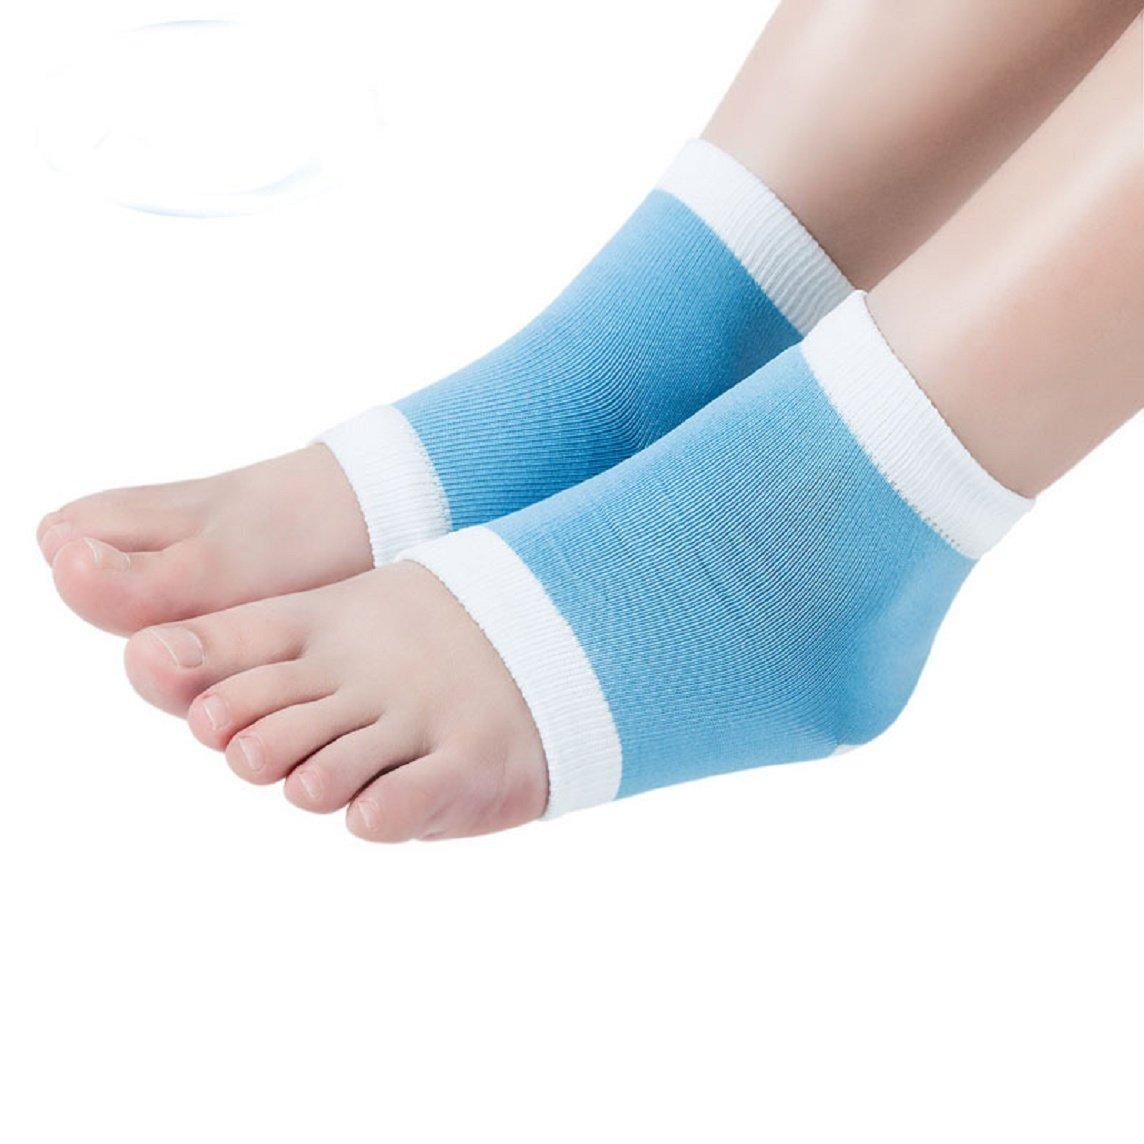 GEL Heel Socks for Dry Hard Cracked Skin Moisturising Open Toe Comfy Recovery Socks (White-Blue) Beaut(TM) NA